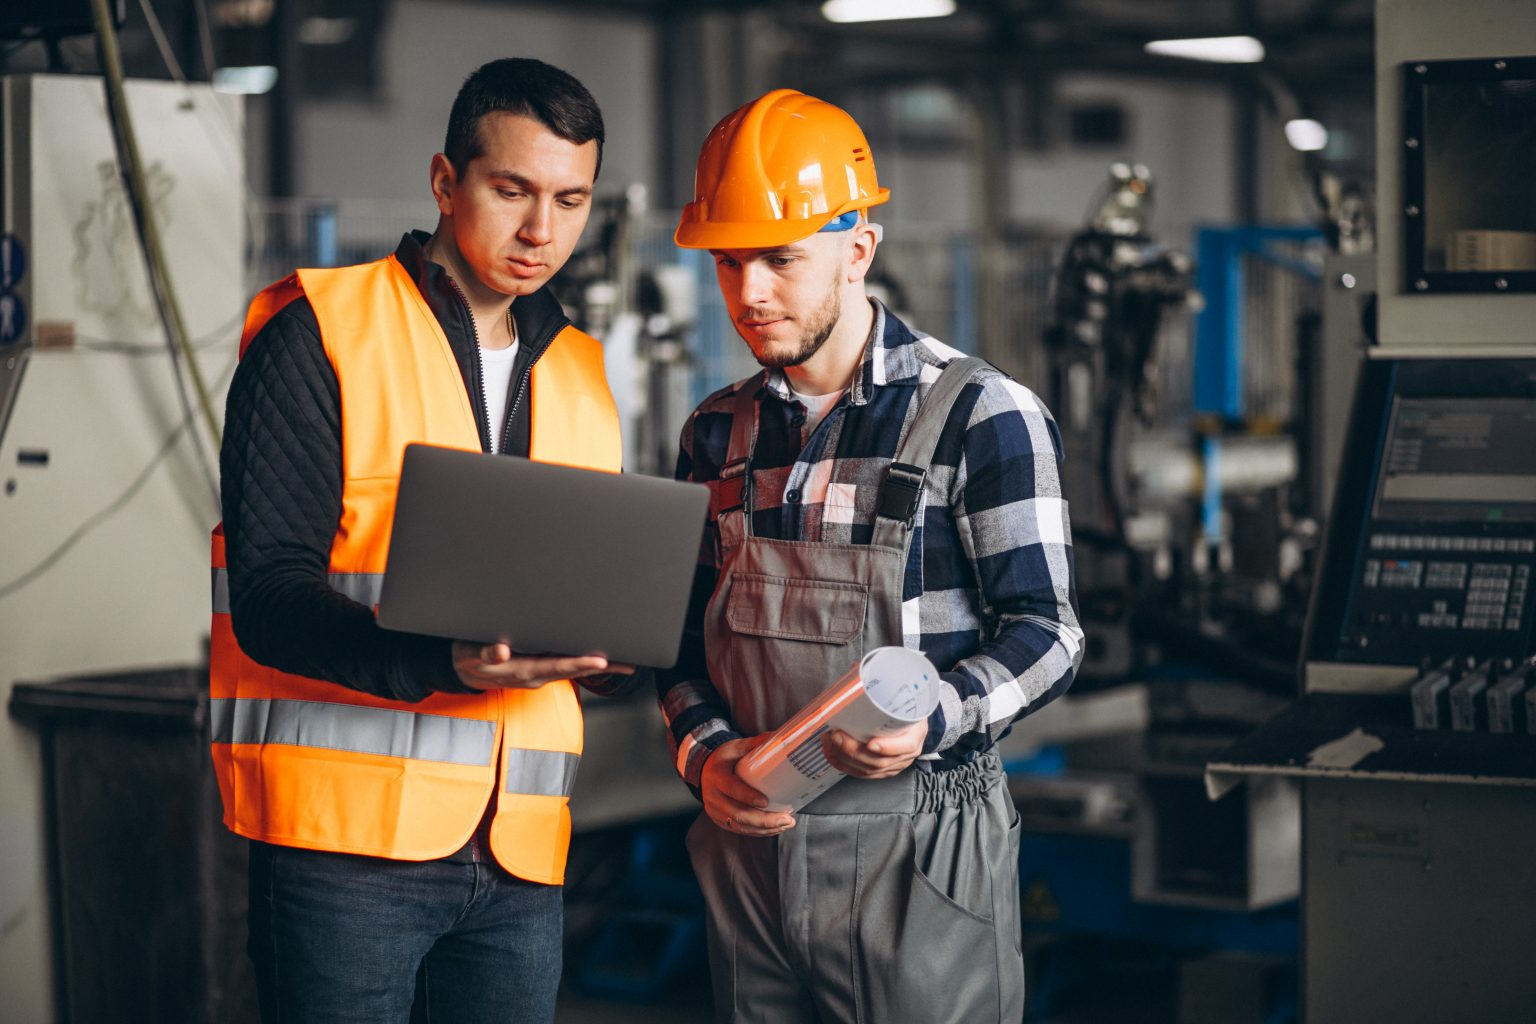 Zwei Mitarbeiter aus der Industrie